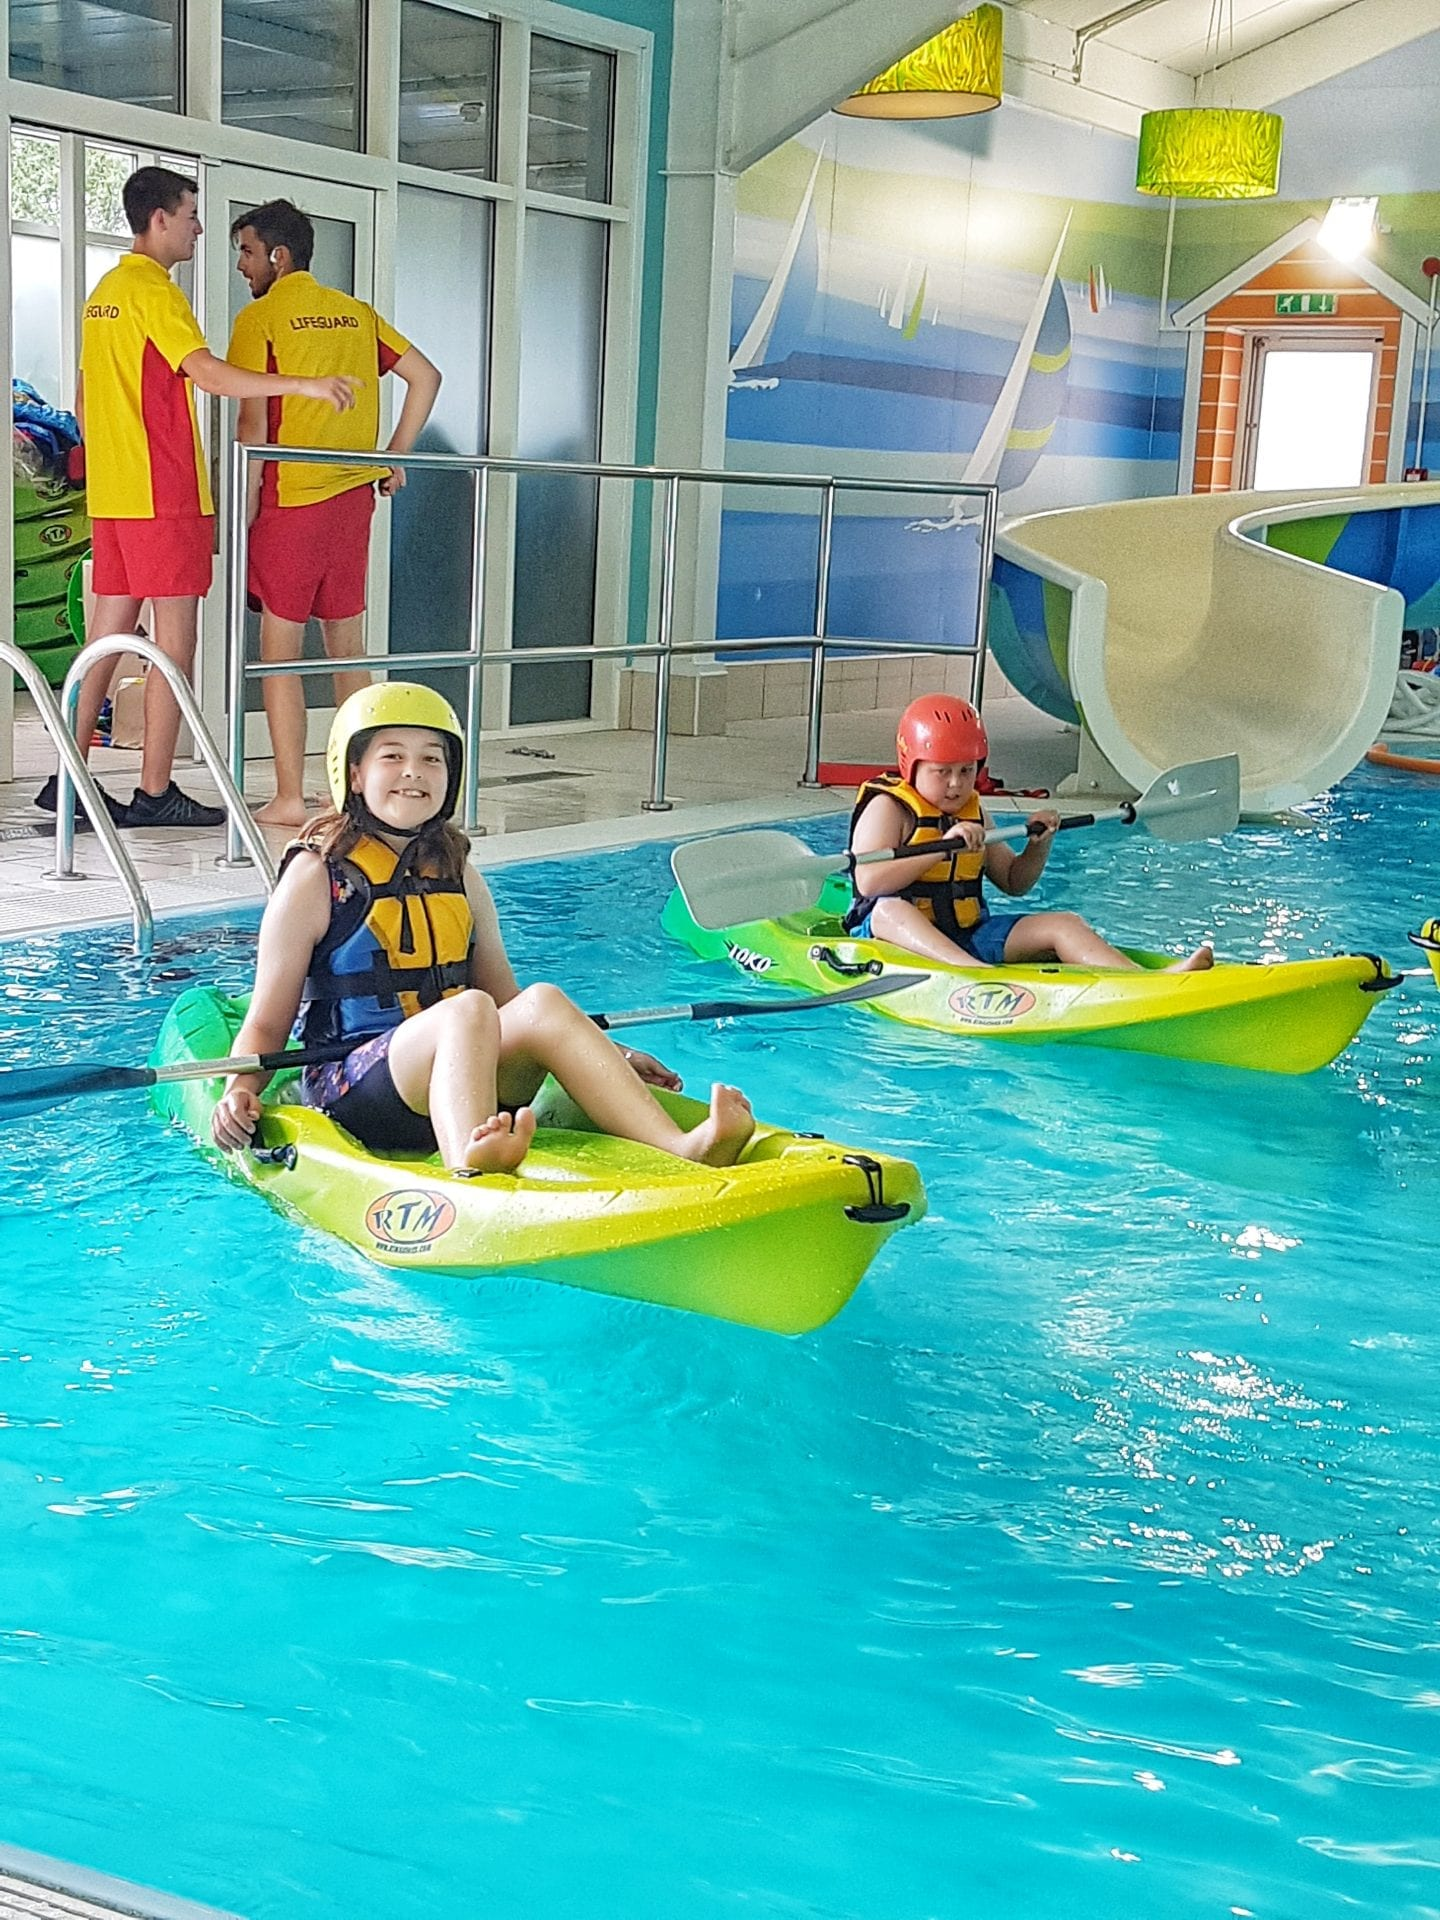 Pool kayaking